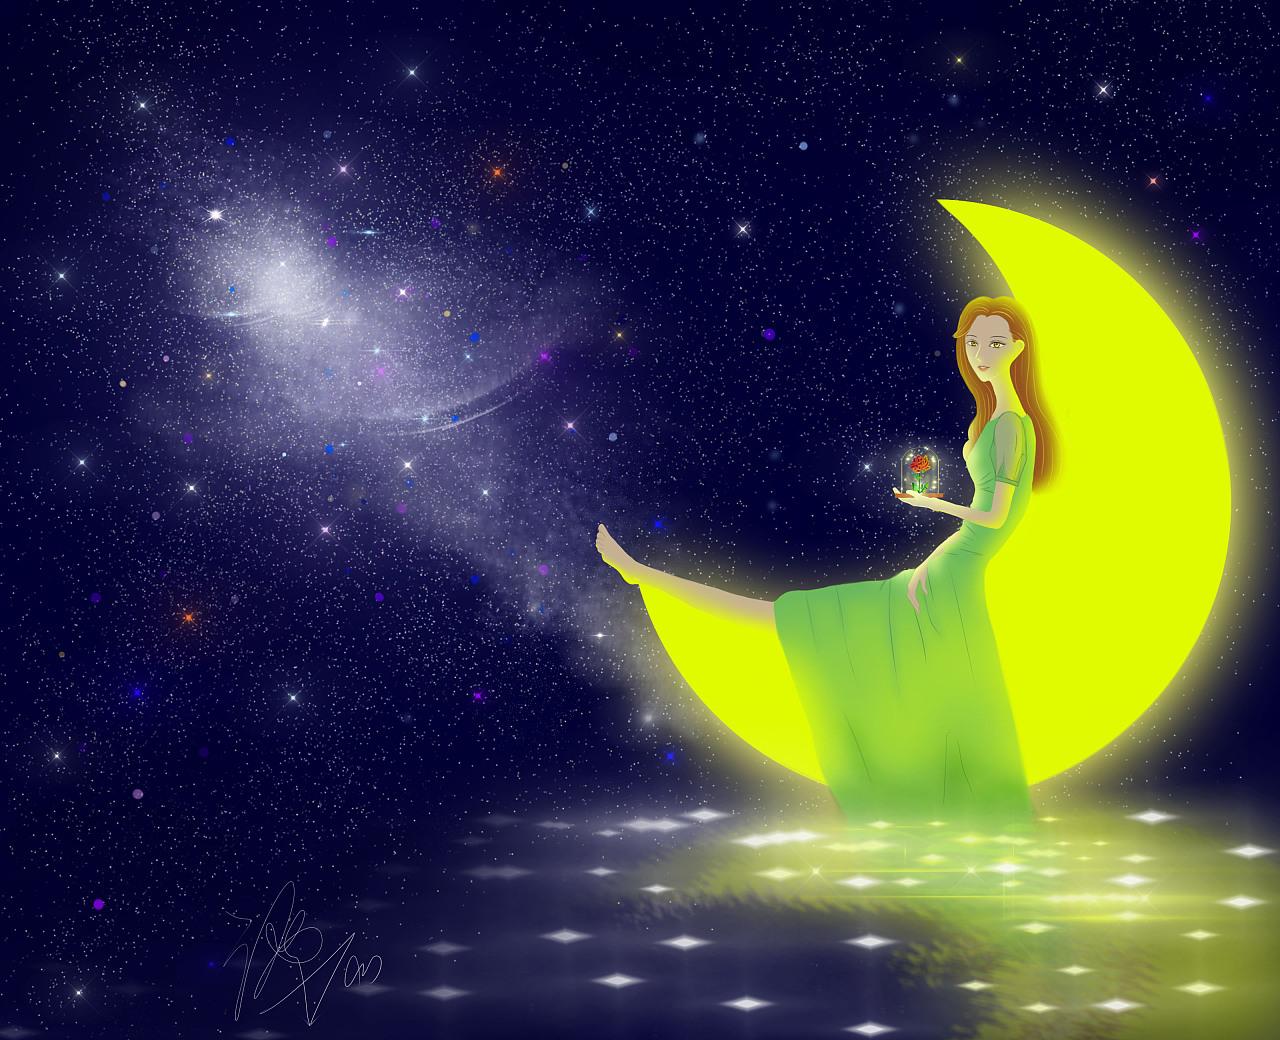 一直向往银河,喜欢明月,愿今夜的你好梦.